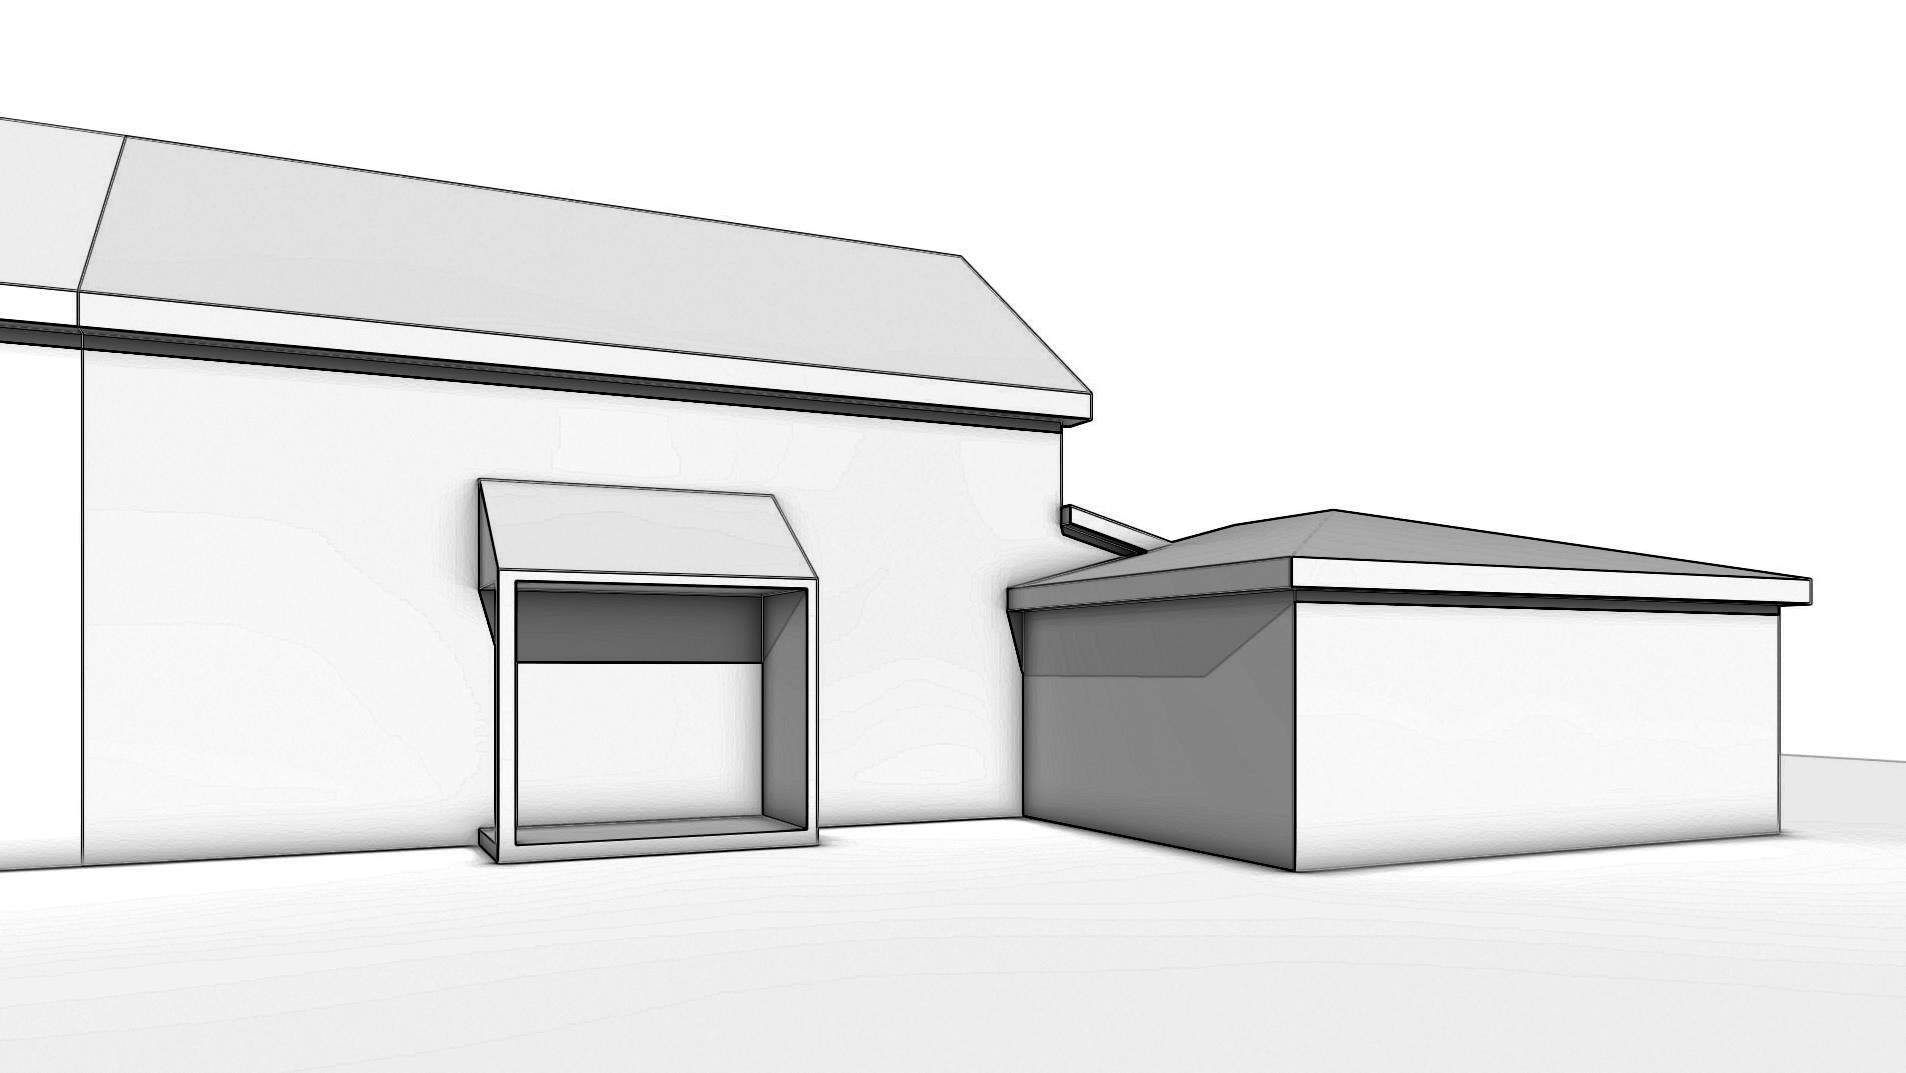 Roofline2-a.jpg